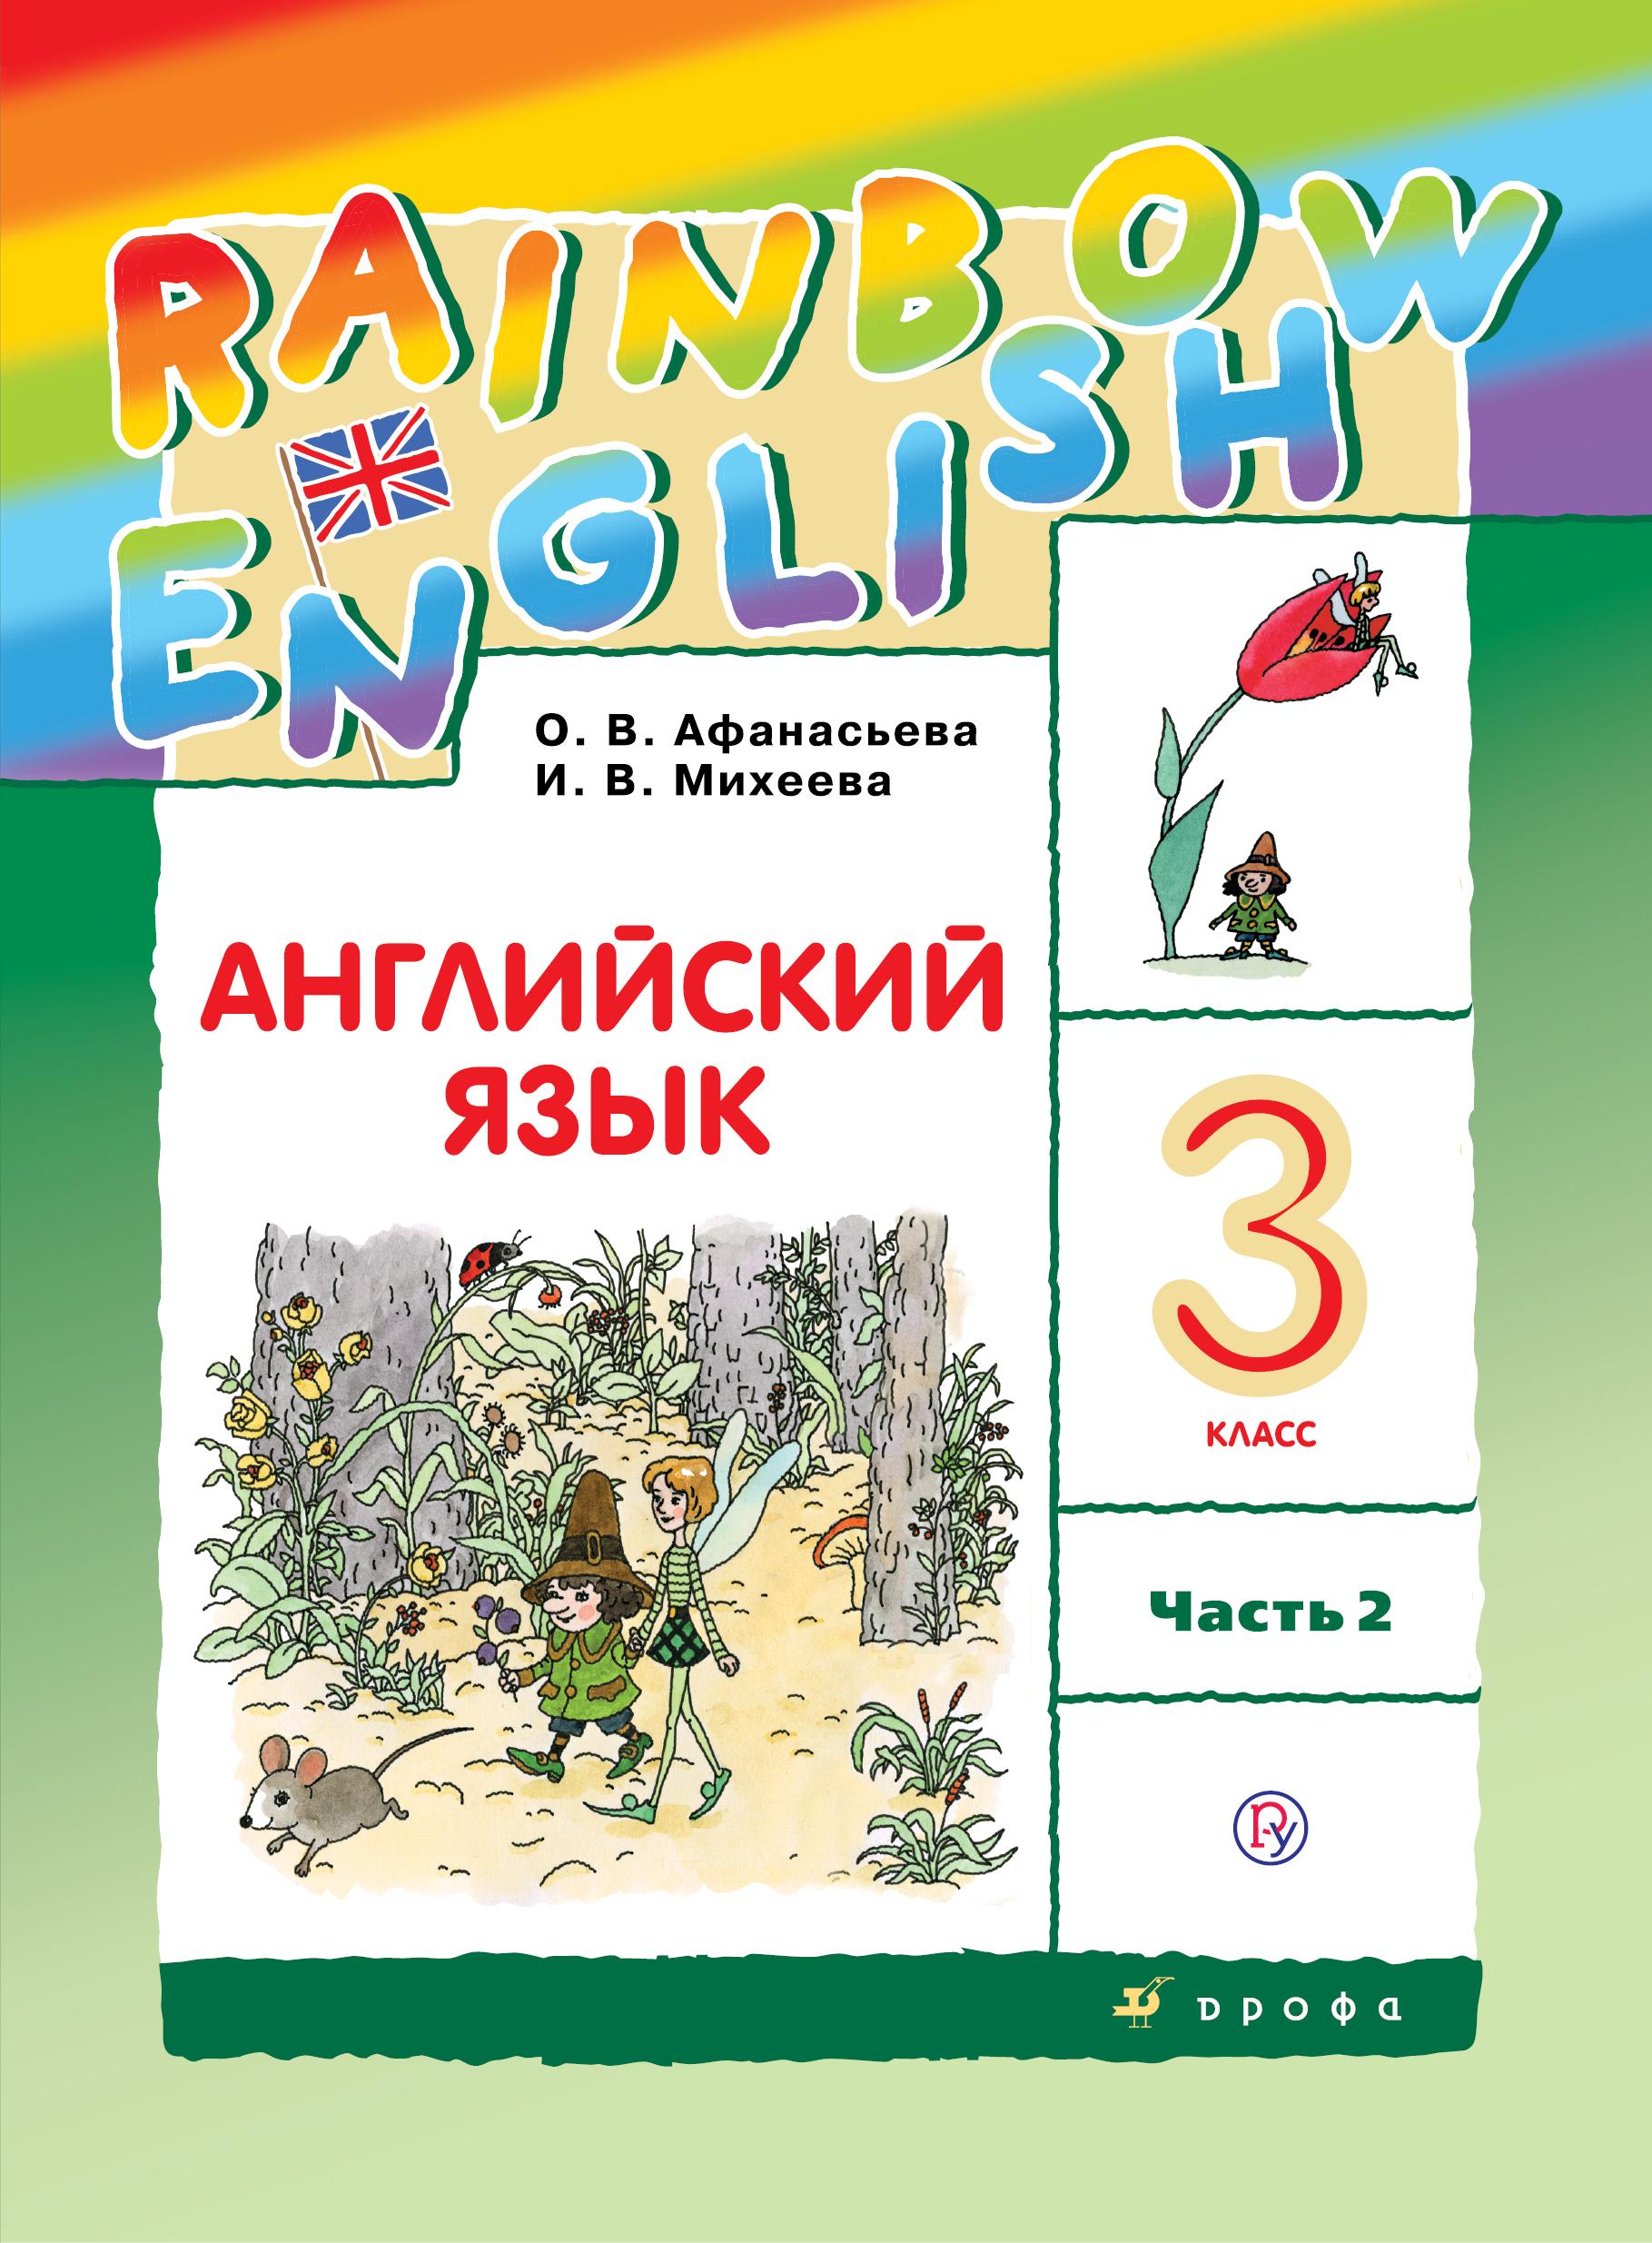 Афанасьева О.В., Михеева И.В. Английский язык. 3 класс. Учебник в 2-х частях. Часть 2